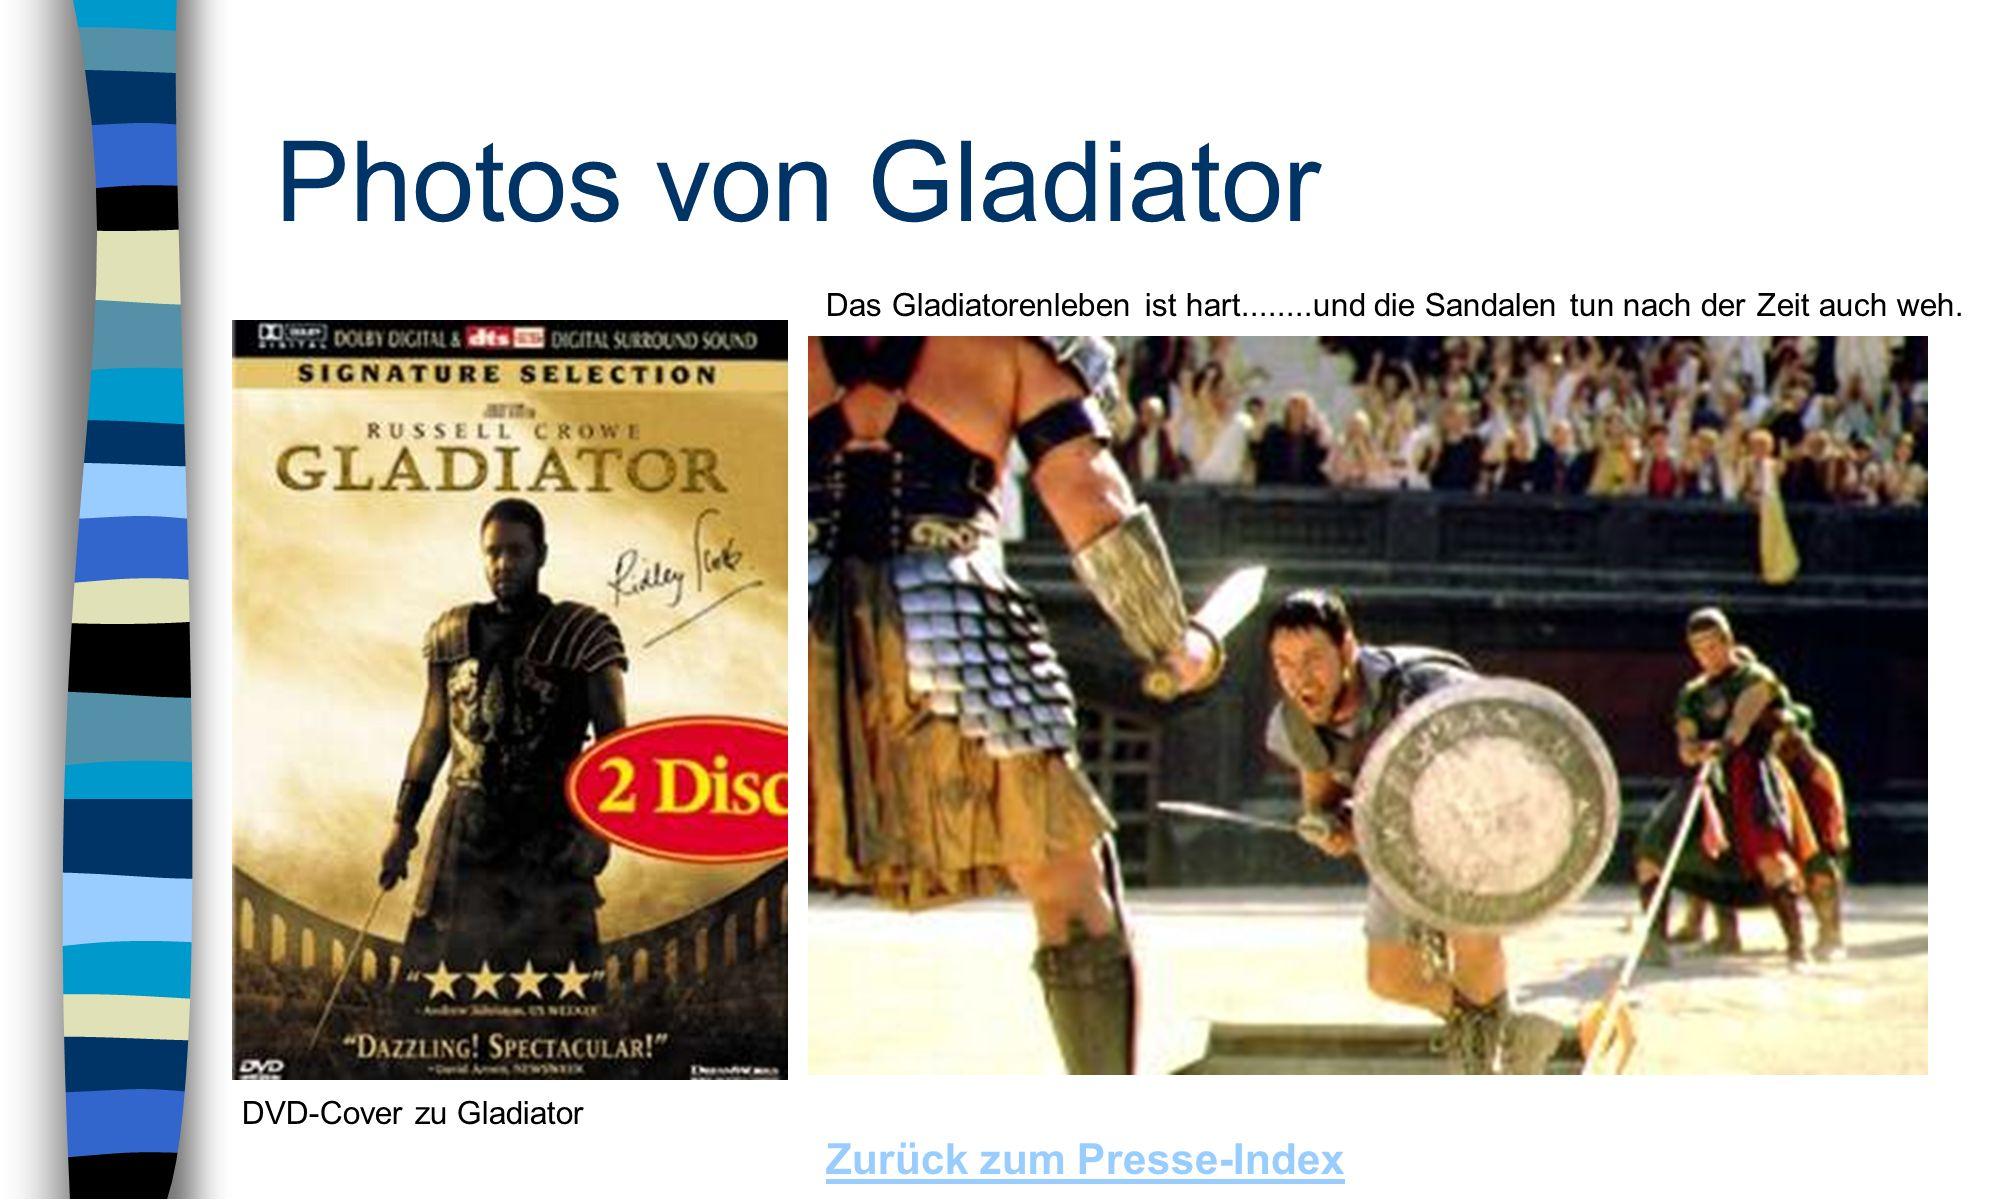 Photos von Gladiator Zurück zum Presse-Index Das Gladiatorenleben ist hart........und die Sandalen tun nach der Zeit auch weh.